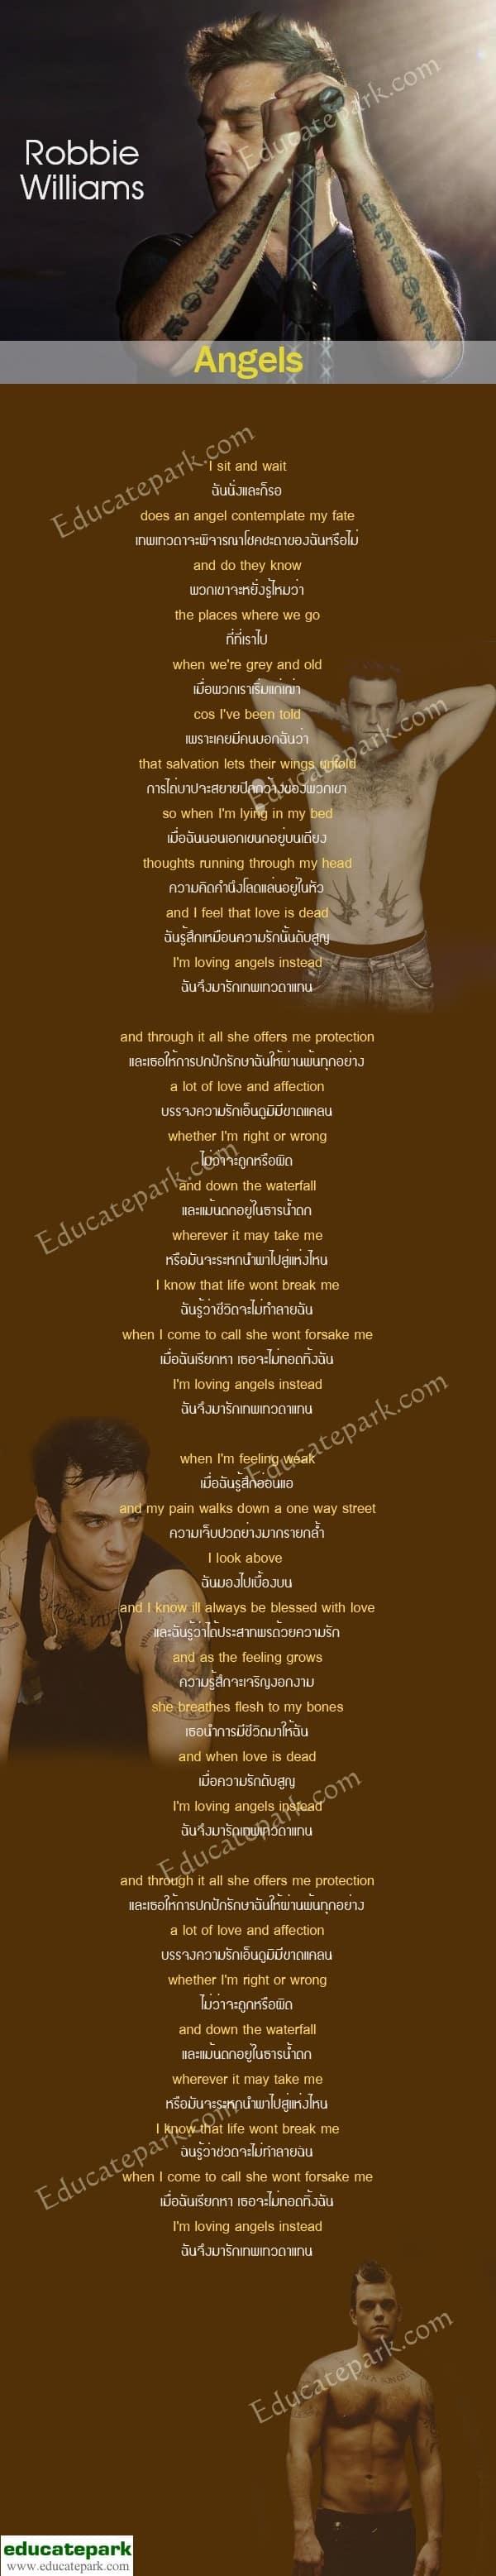 แปลเพลง Angels - Robbie Williams